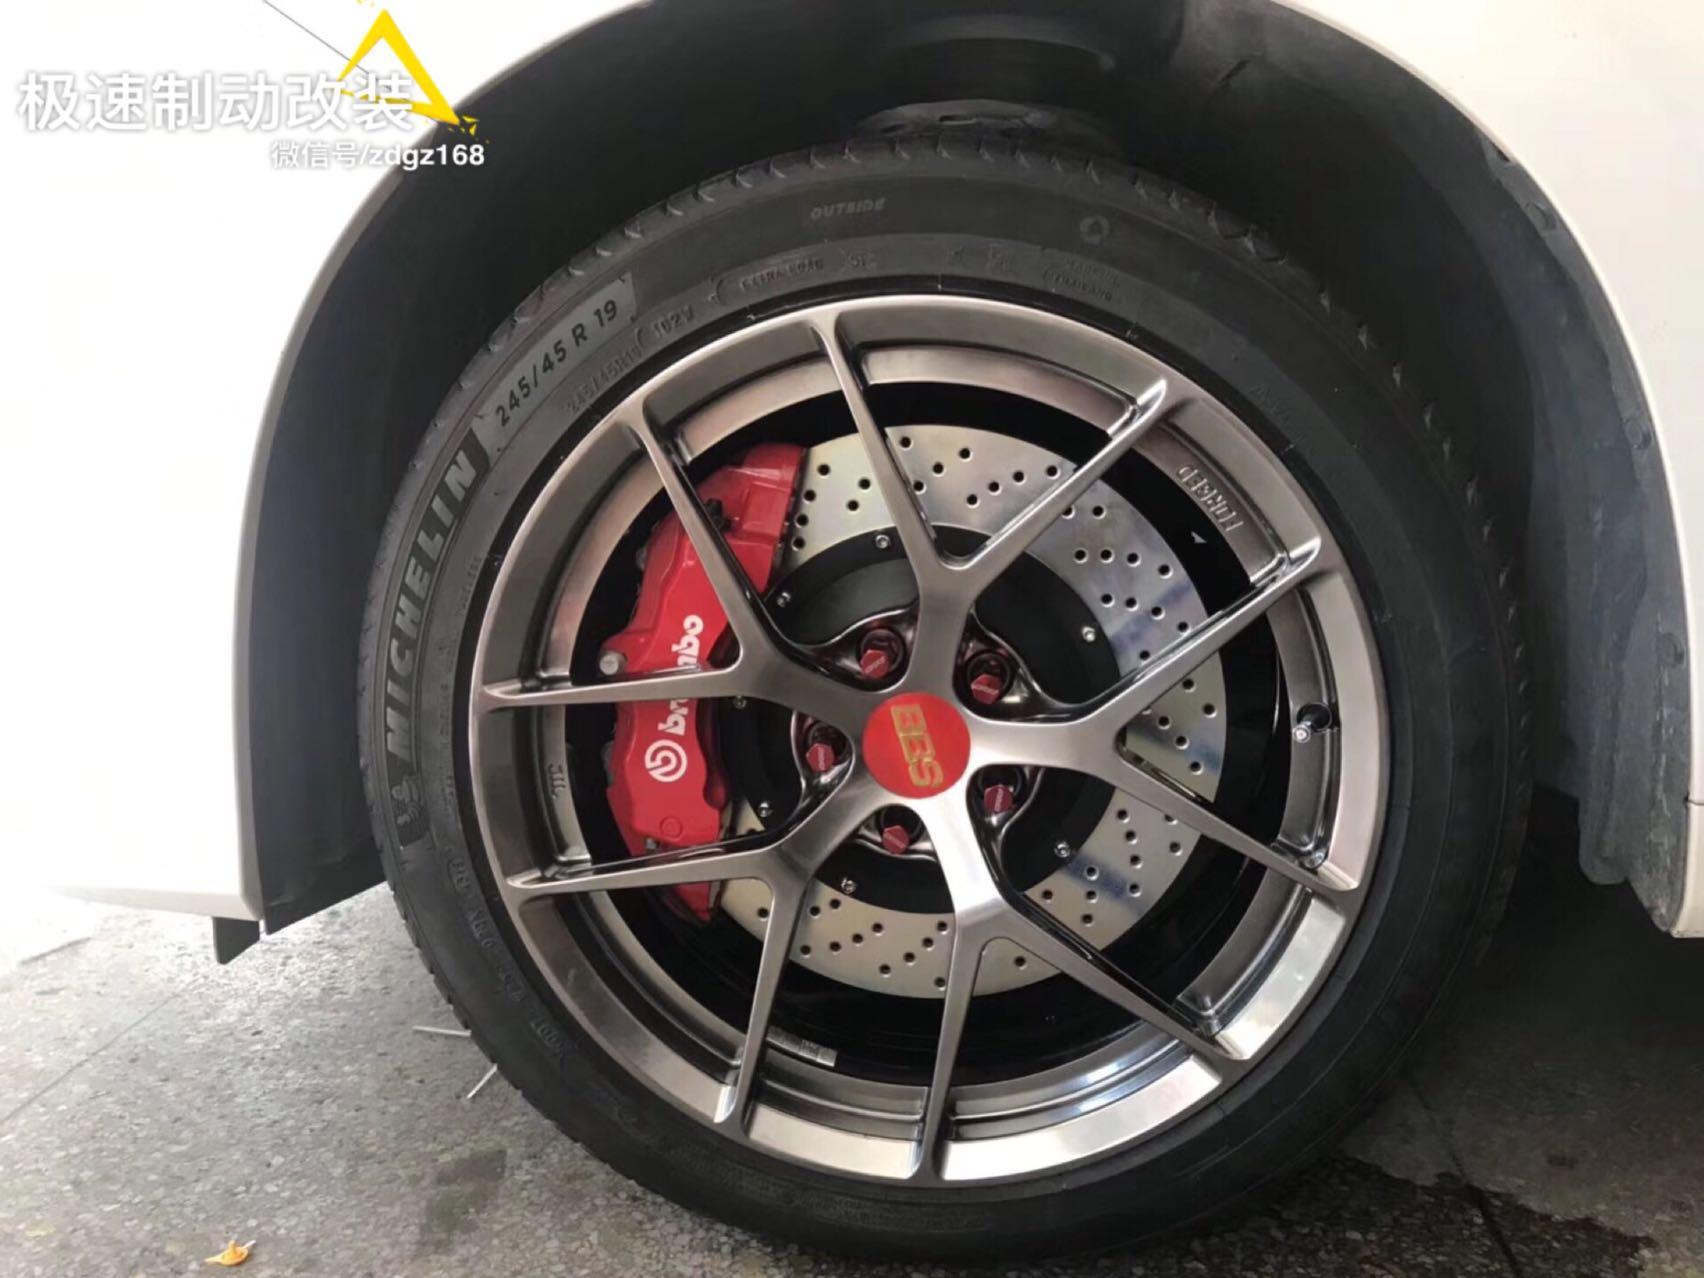 丰田埃尔法升级意大利?? brembo六活塞搭配380刹车盘+BBS轮毂完美安装